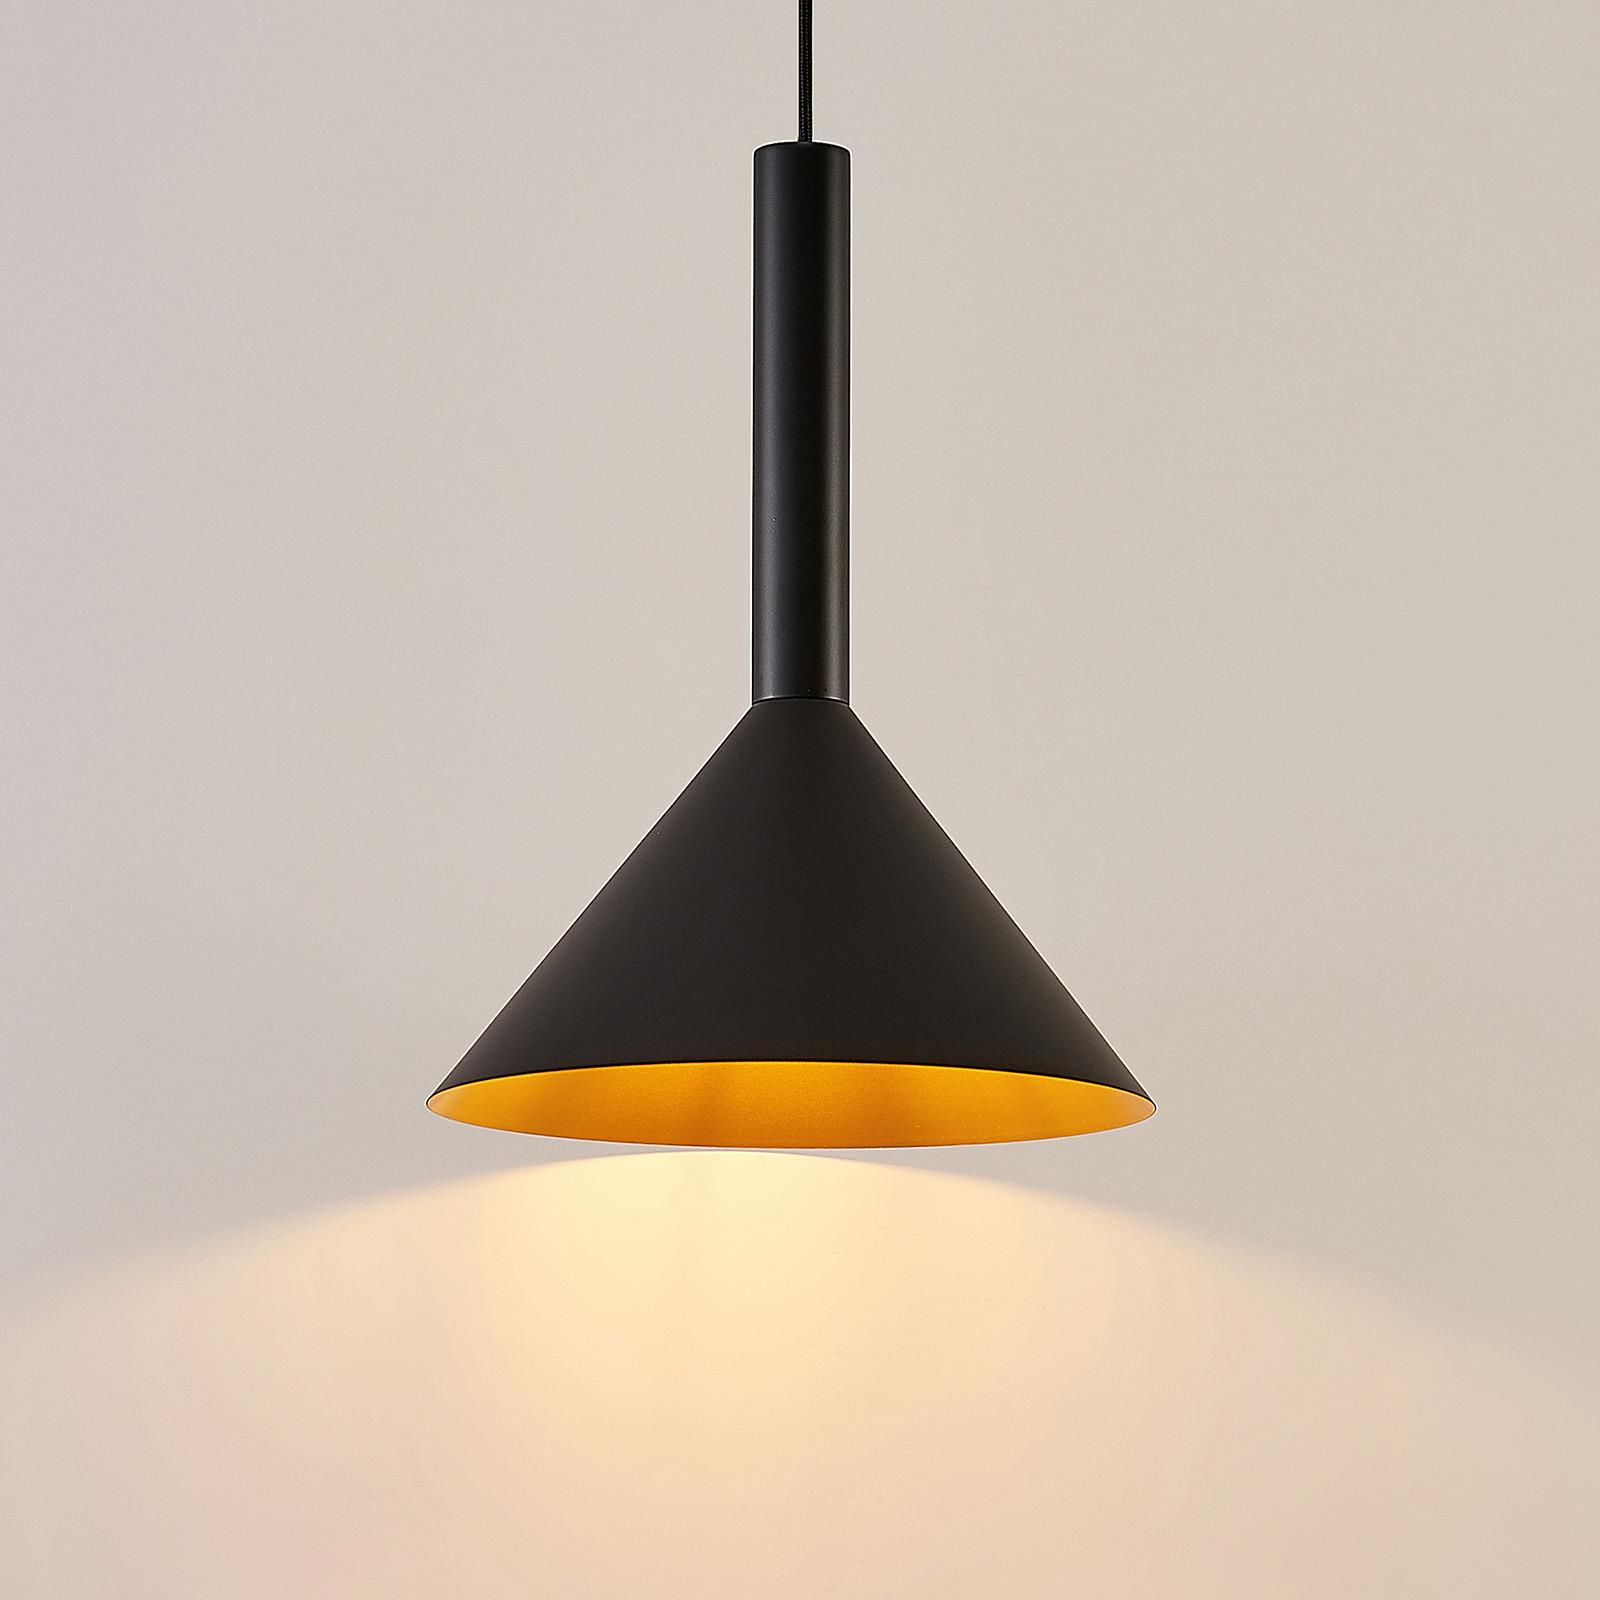 Arcchio Tadej hanglamp 1-lamp 30 cm zwart-goud